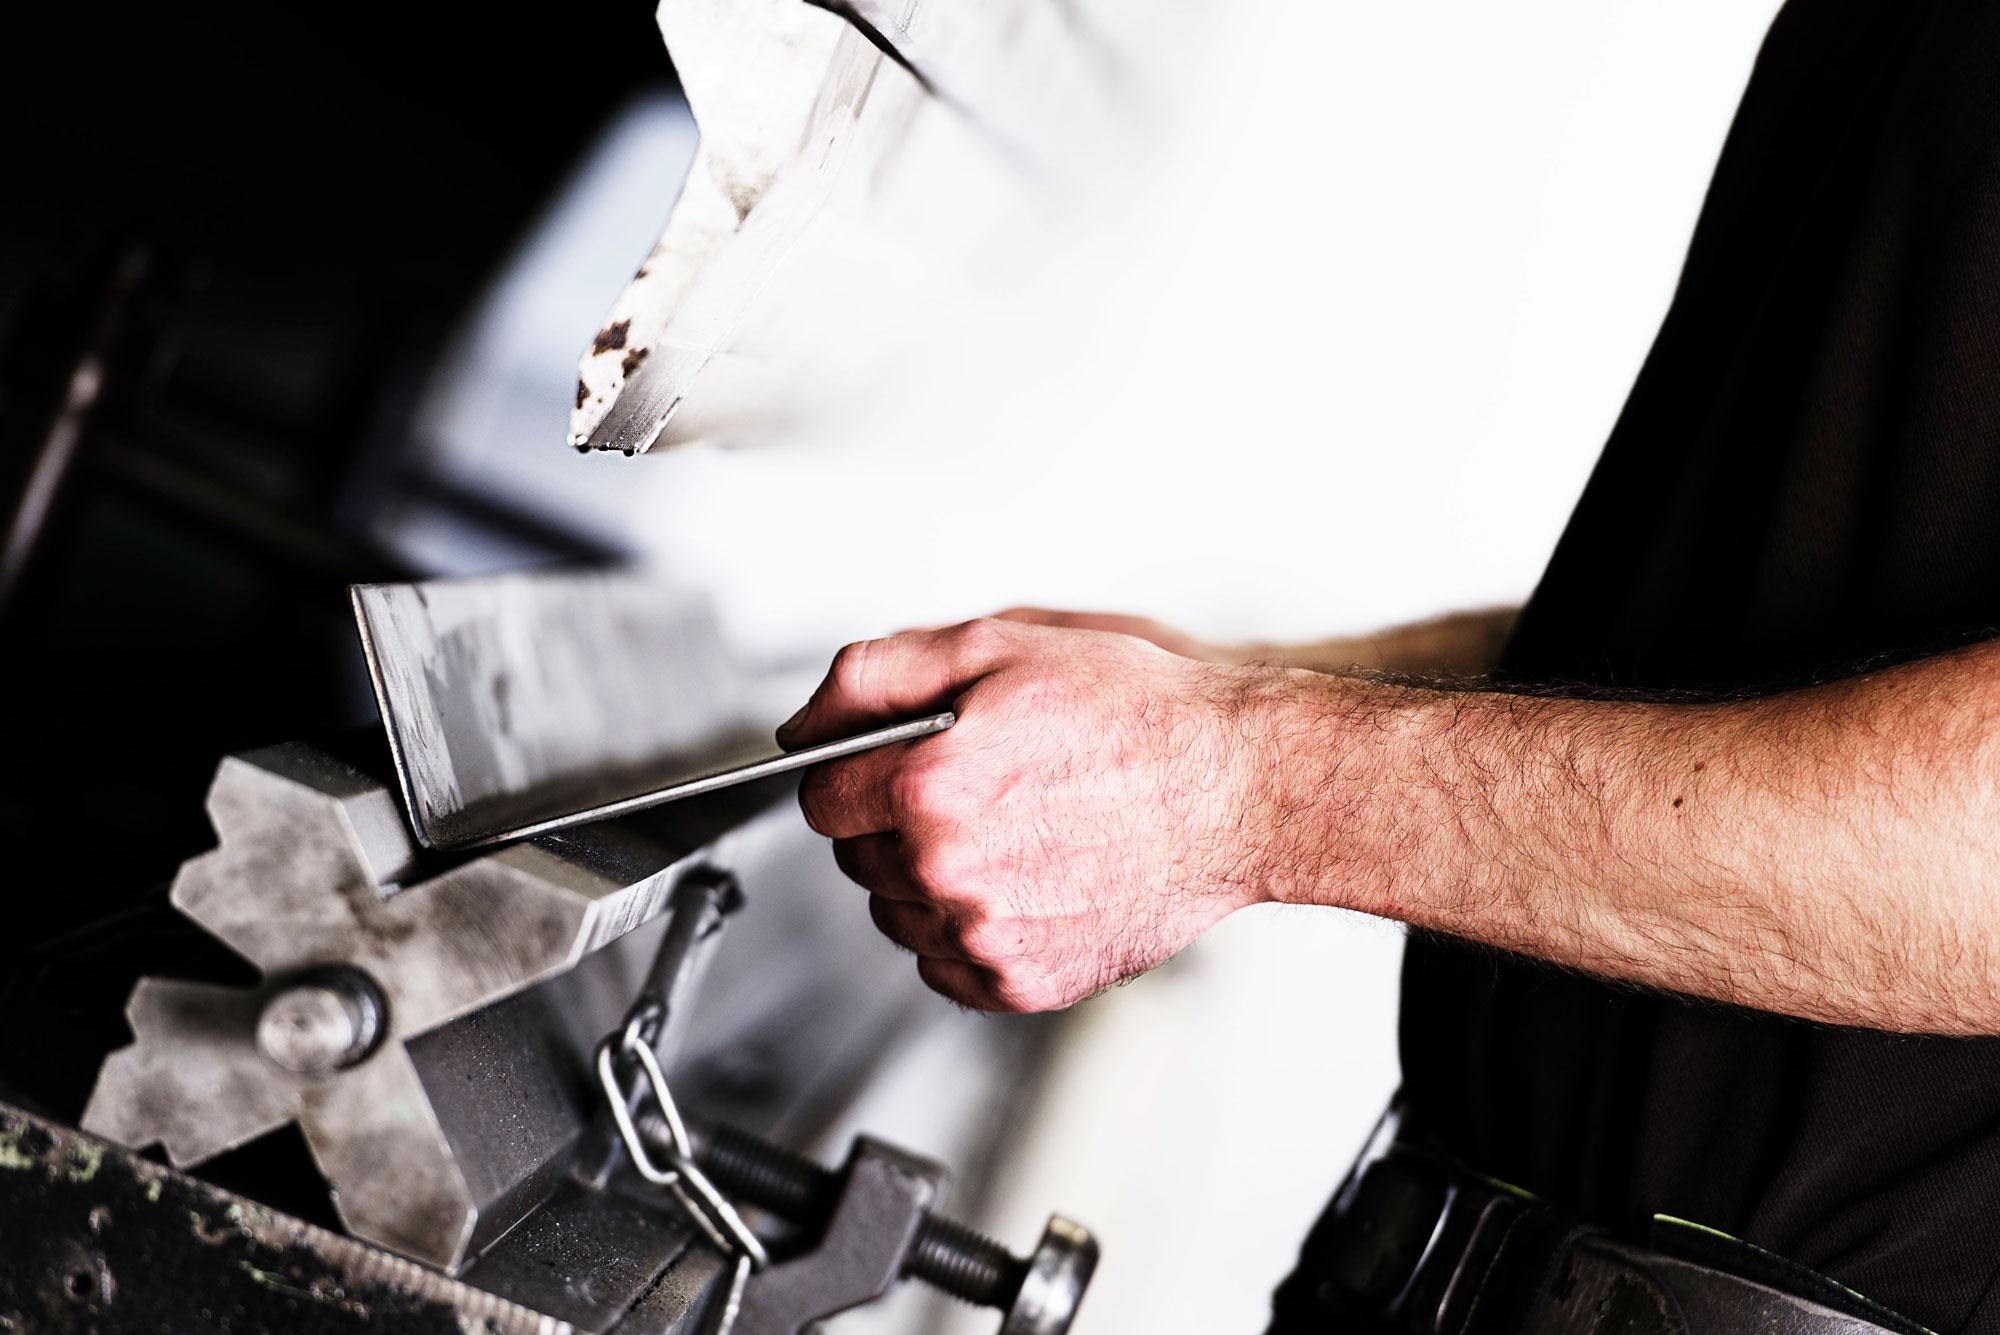 Verarbeitung_von_Stahl-_Edelstahl-_und_Aluminiumprodukten